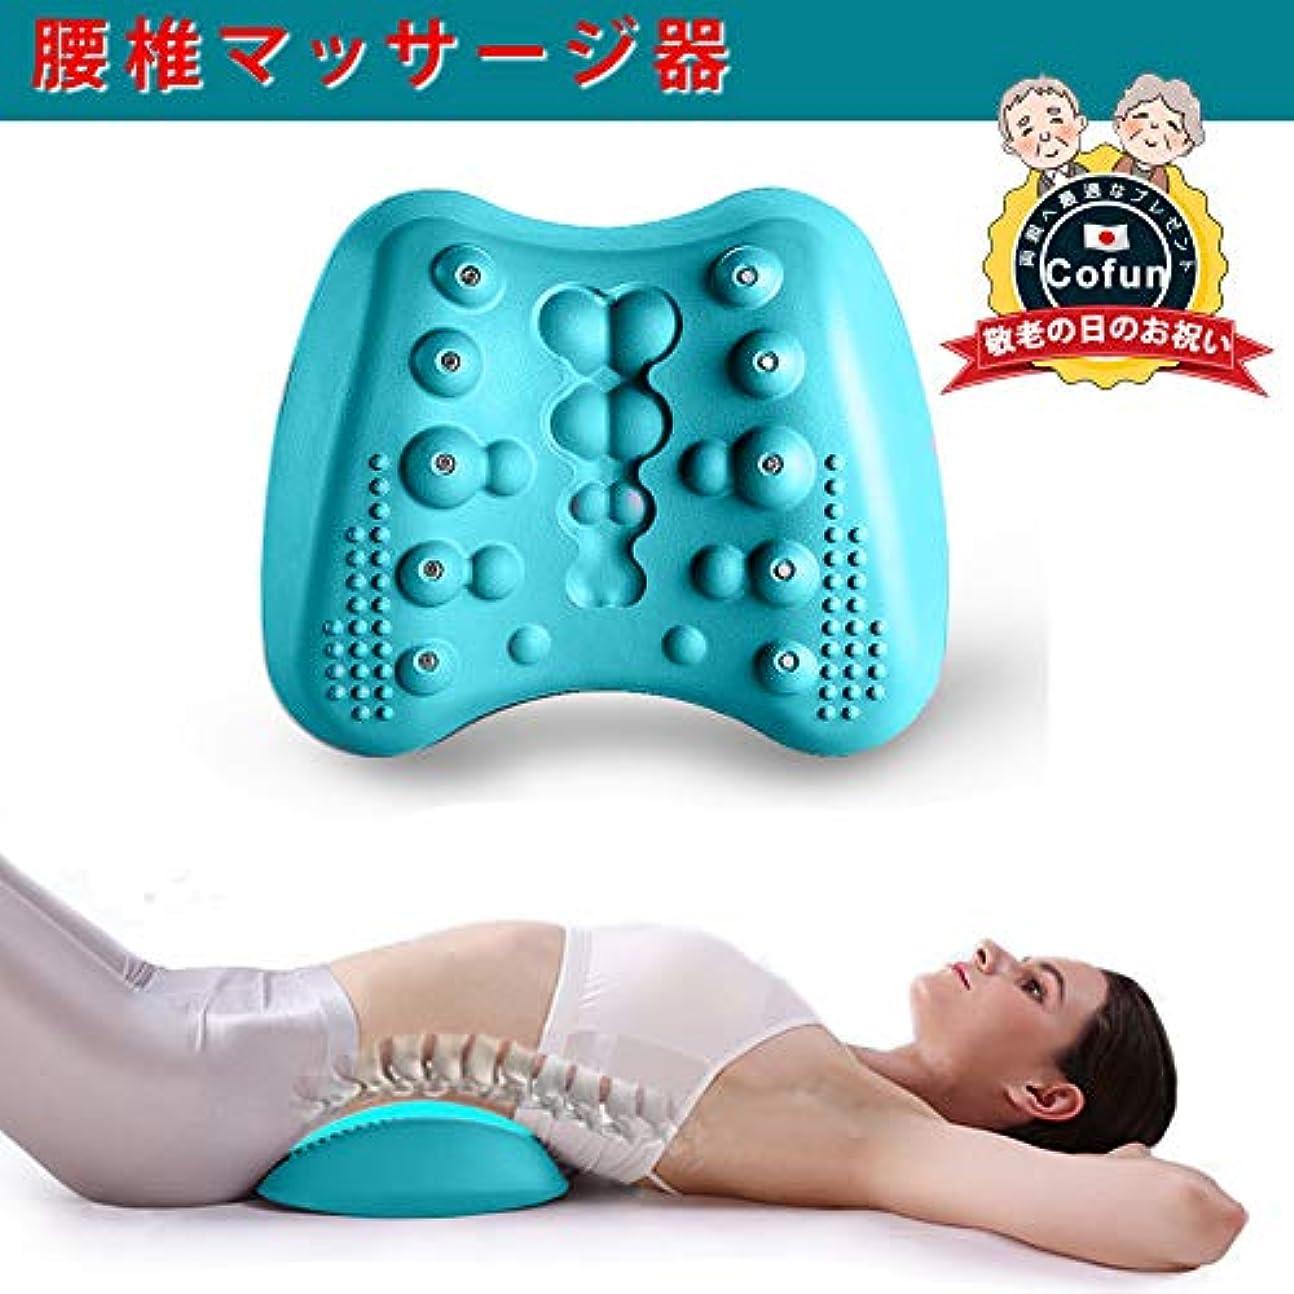 宅配便ロケーション実際に敬老の日 腰椎矯正器 腰マッサージ器 脊椎牽引器 腰部パッド マグネット指圧 疲労を和らげる 腰痛を和らげる 腰痛 改善 サポーター 男女兼用